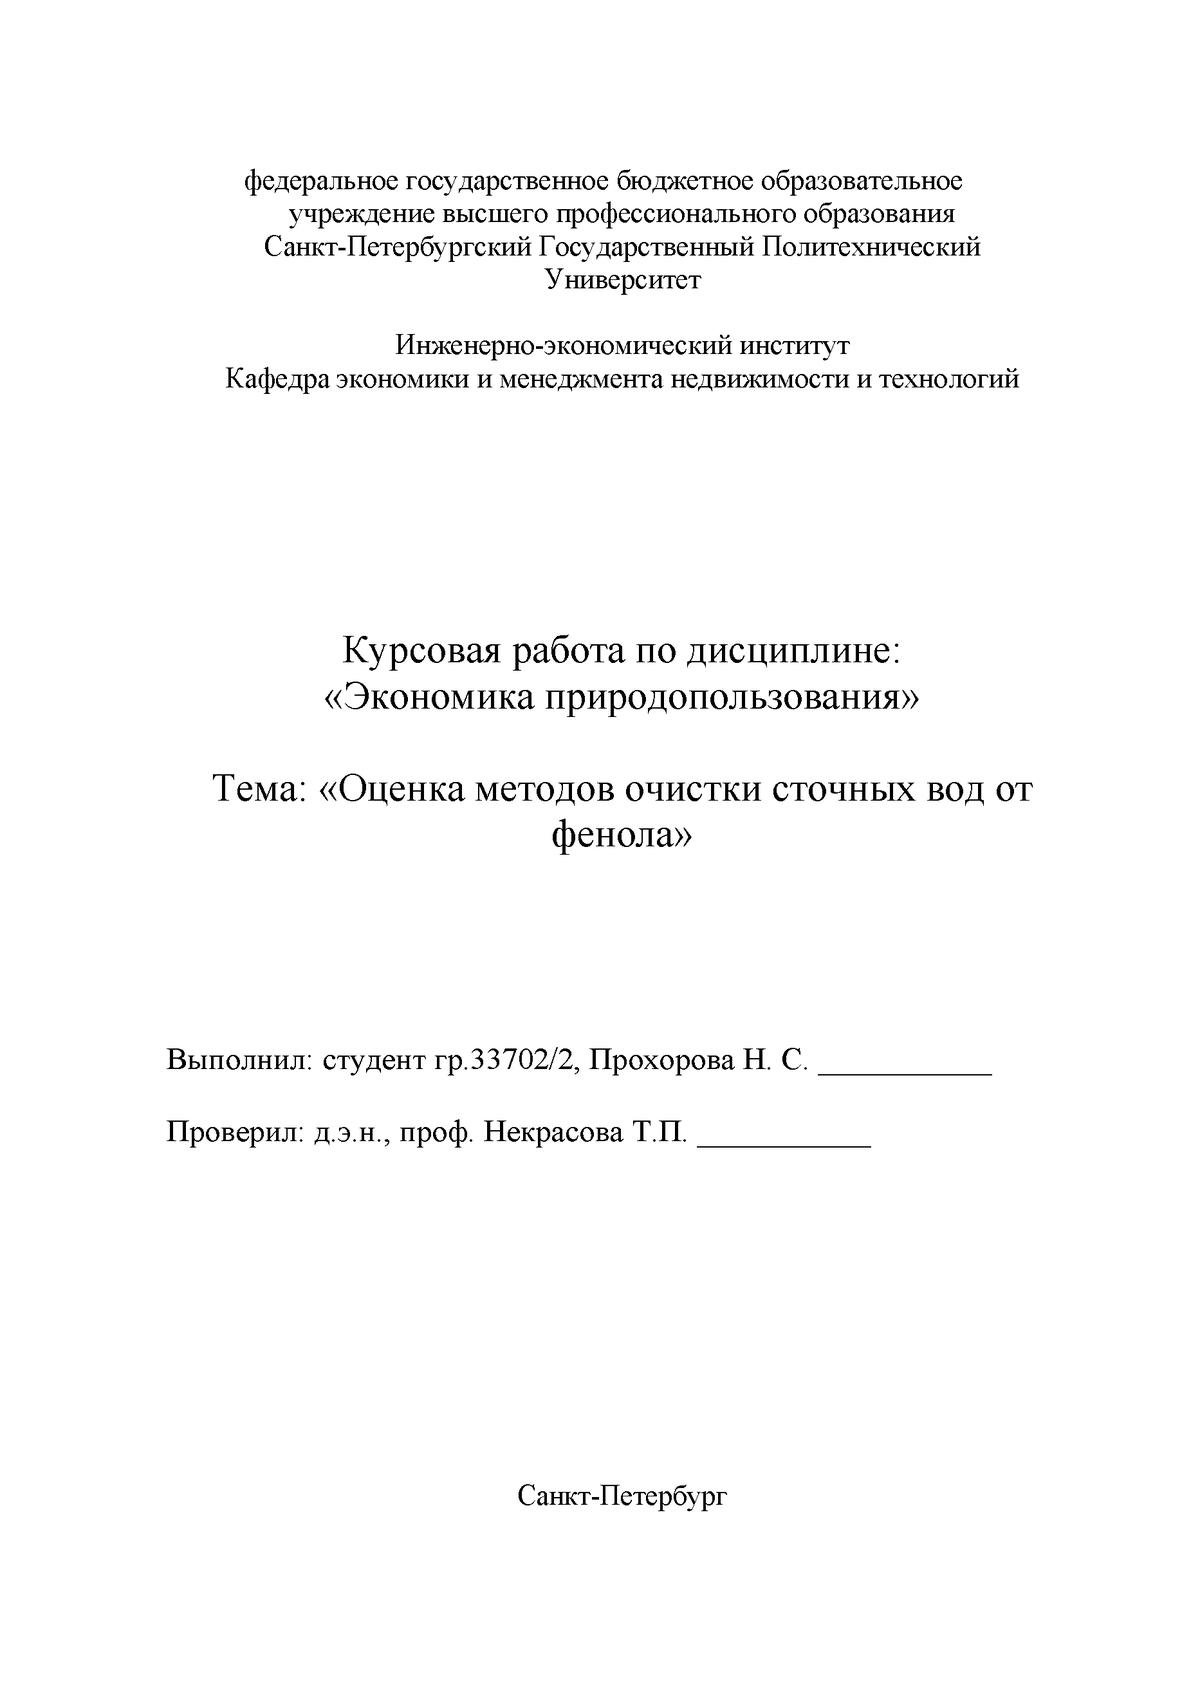 Дипломная работа экономика природопользования 3062